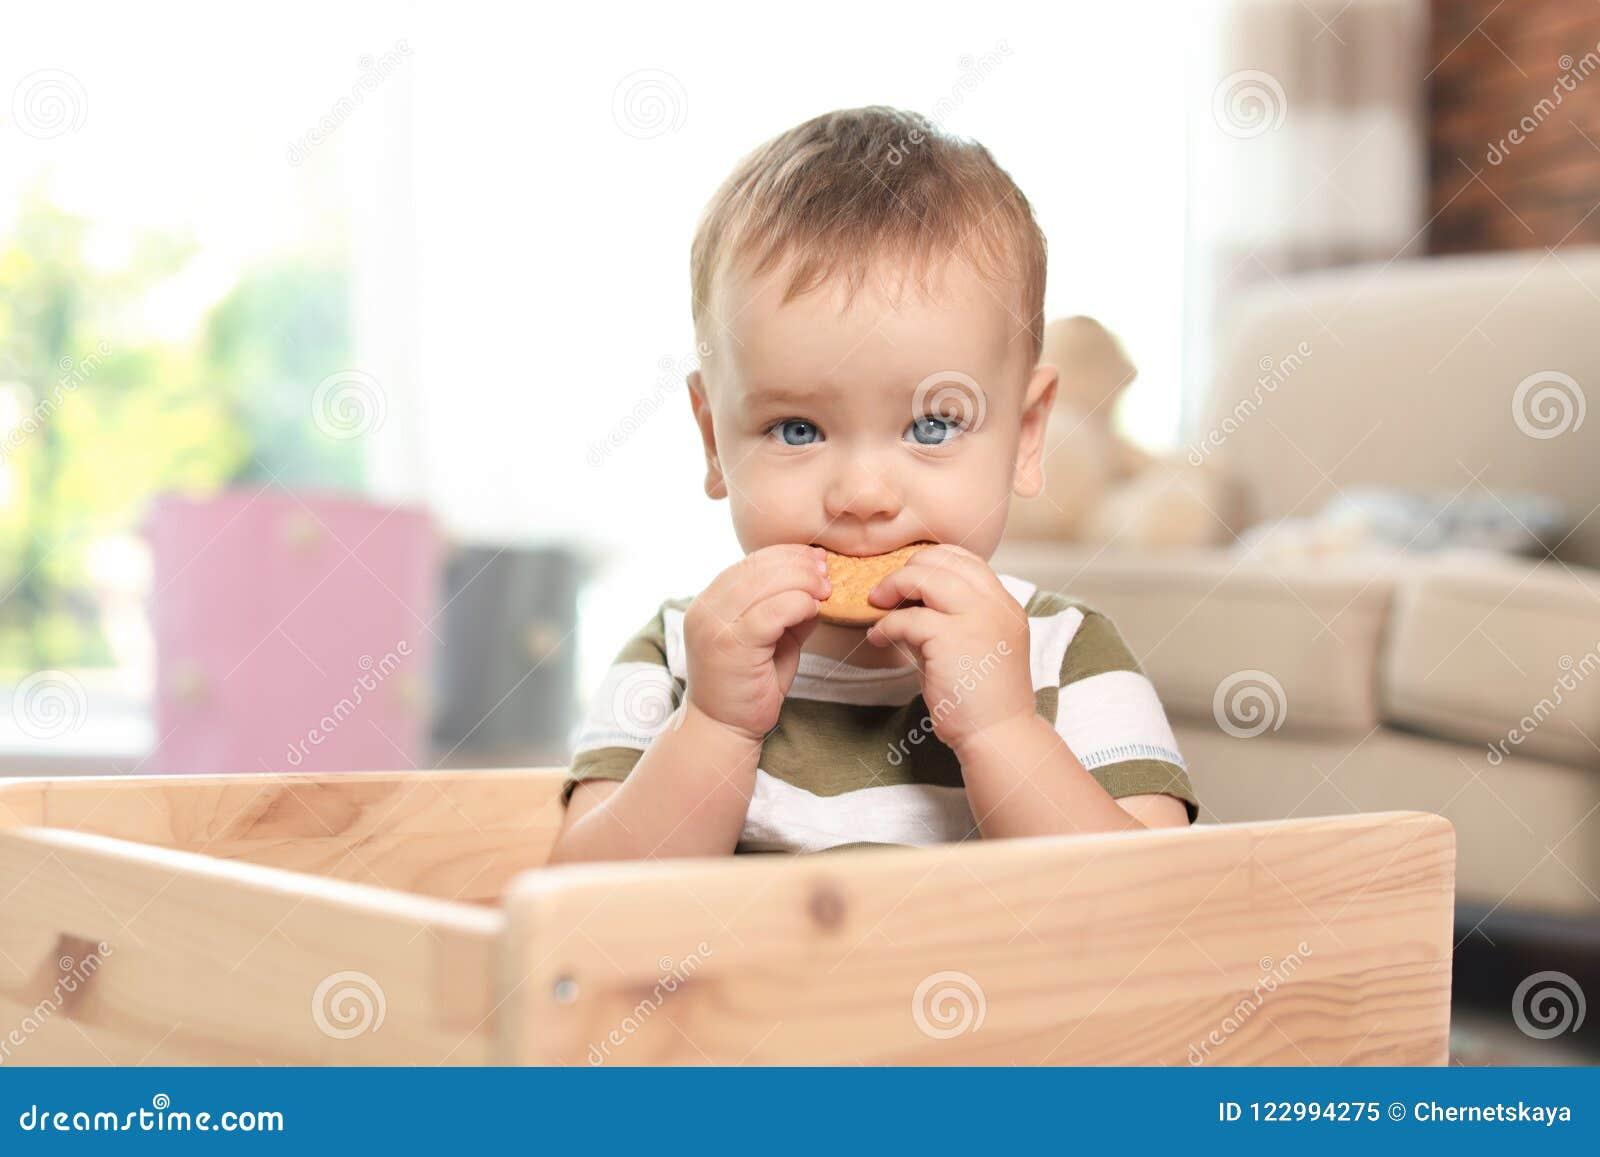 Λατρευτός λίγο μωρό που τρώει το νόστιμο μπισκότο